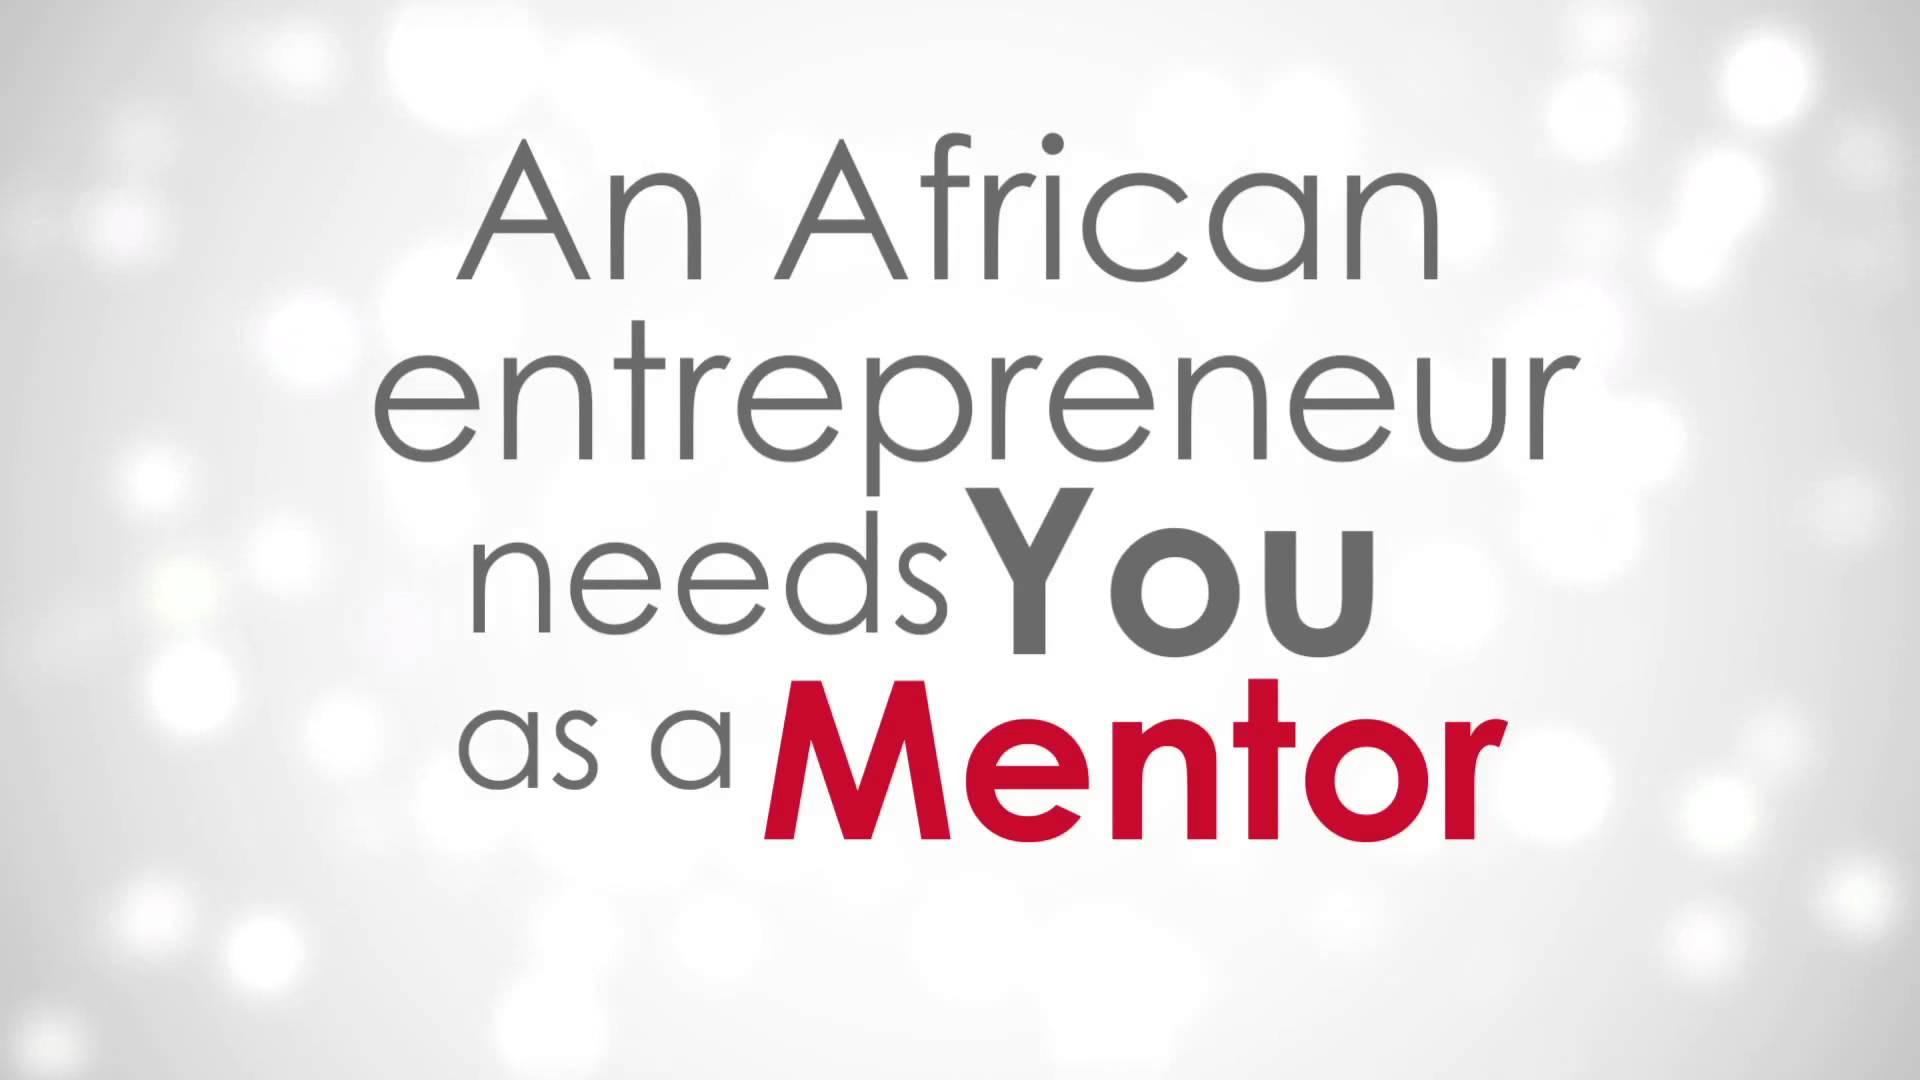 A Call for Mentors